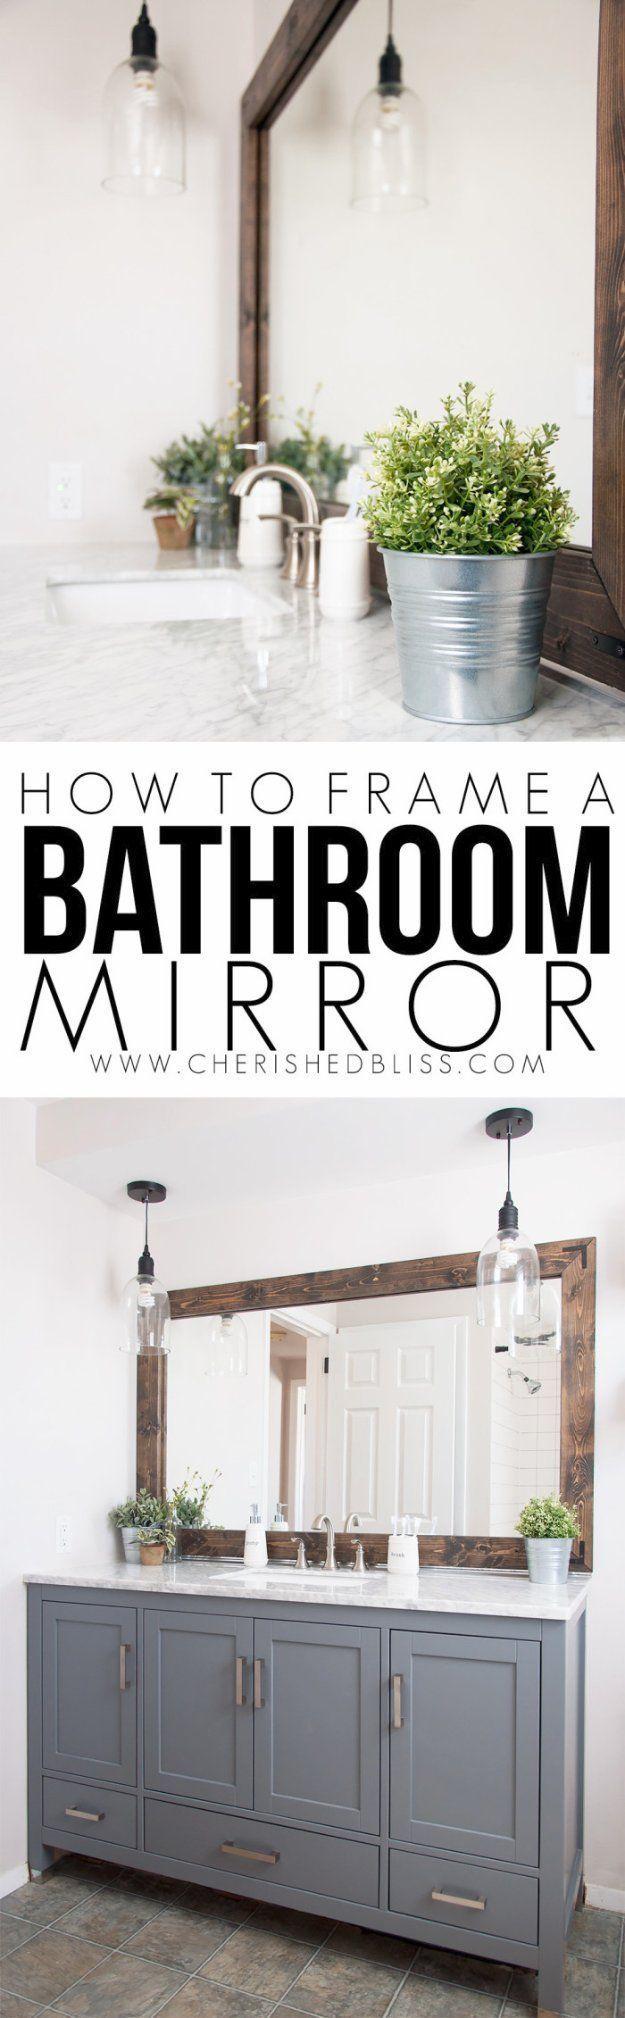 Diy bathroom decor ideas wood framed bathroom mirror tutorial diy bathroom decor ideas wood framed bathroom mirror tutorial cool do it yourself bath solutioingenieria Images